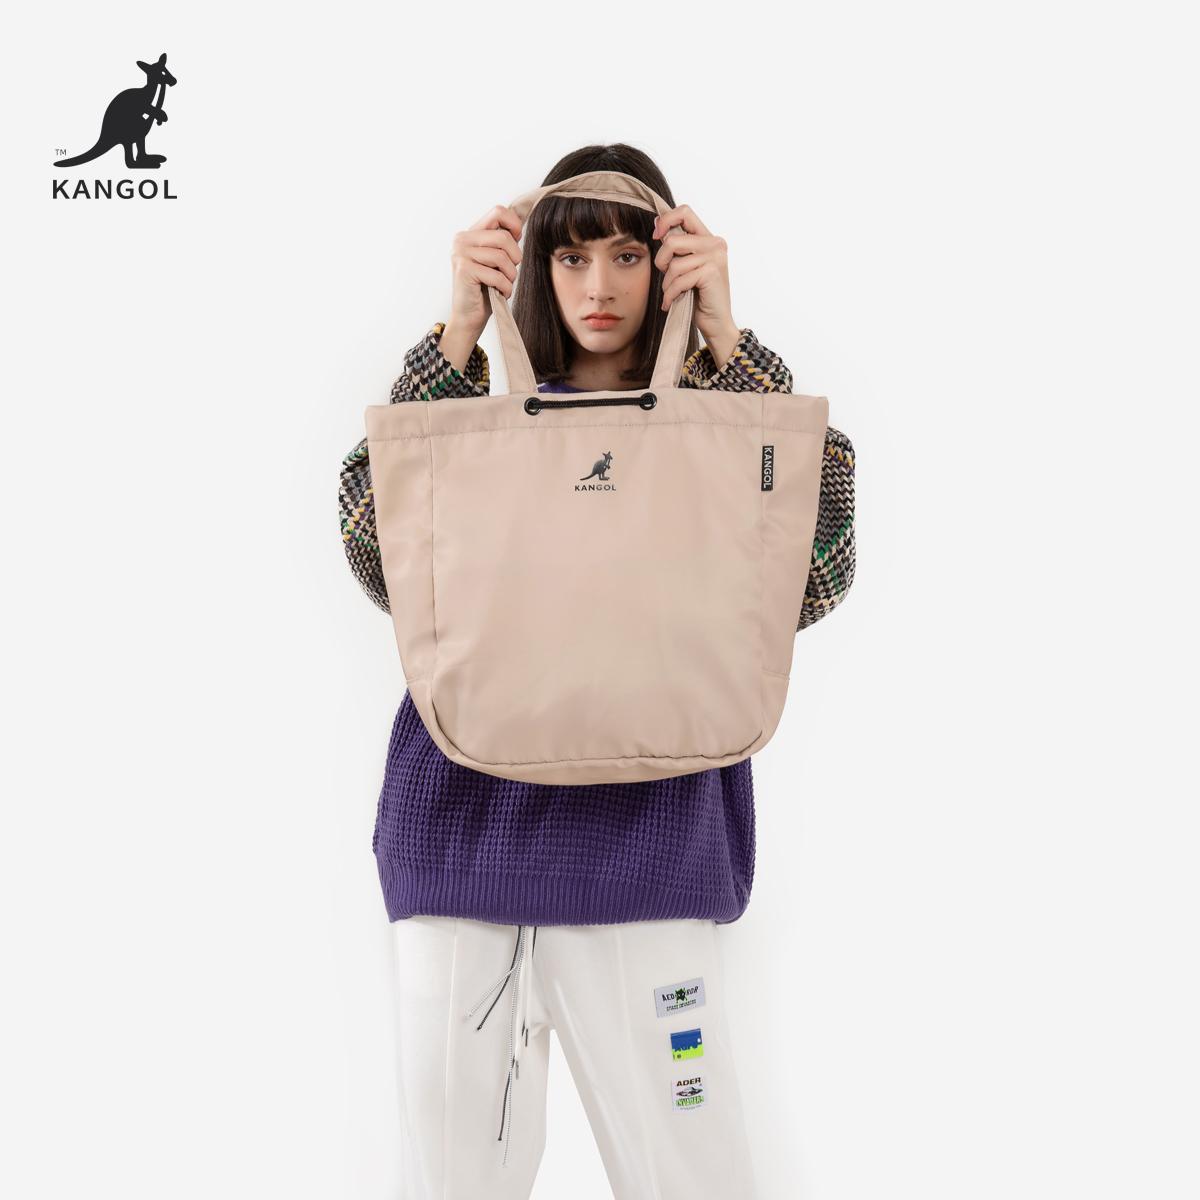 官方正品尼龙大容量包包健身防水购物袋托特单肩手提包男女 KANGOL